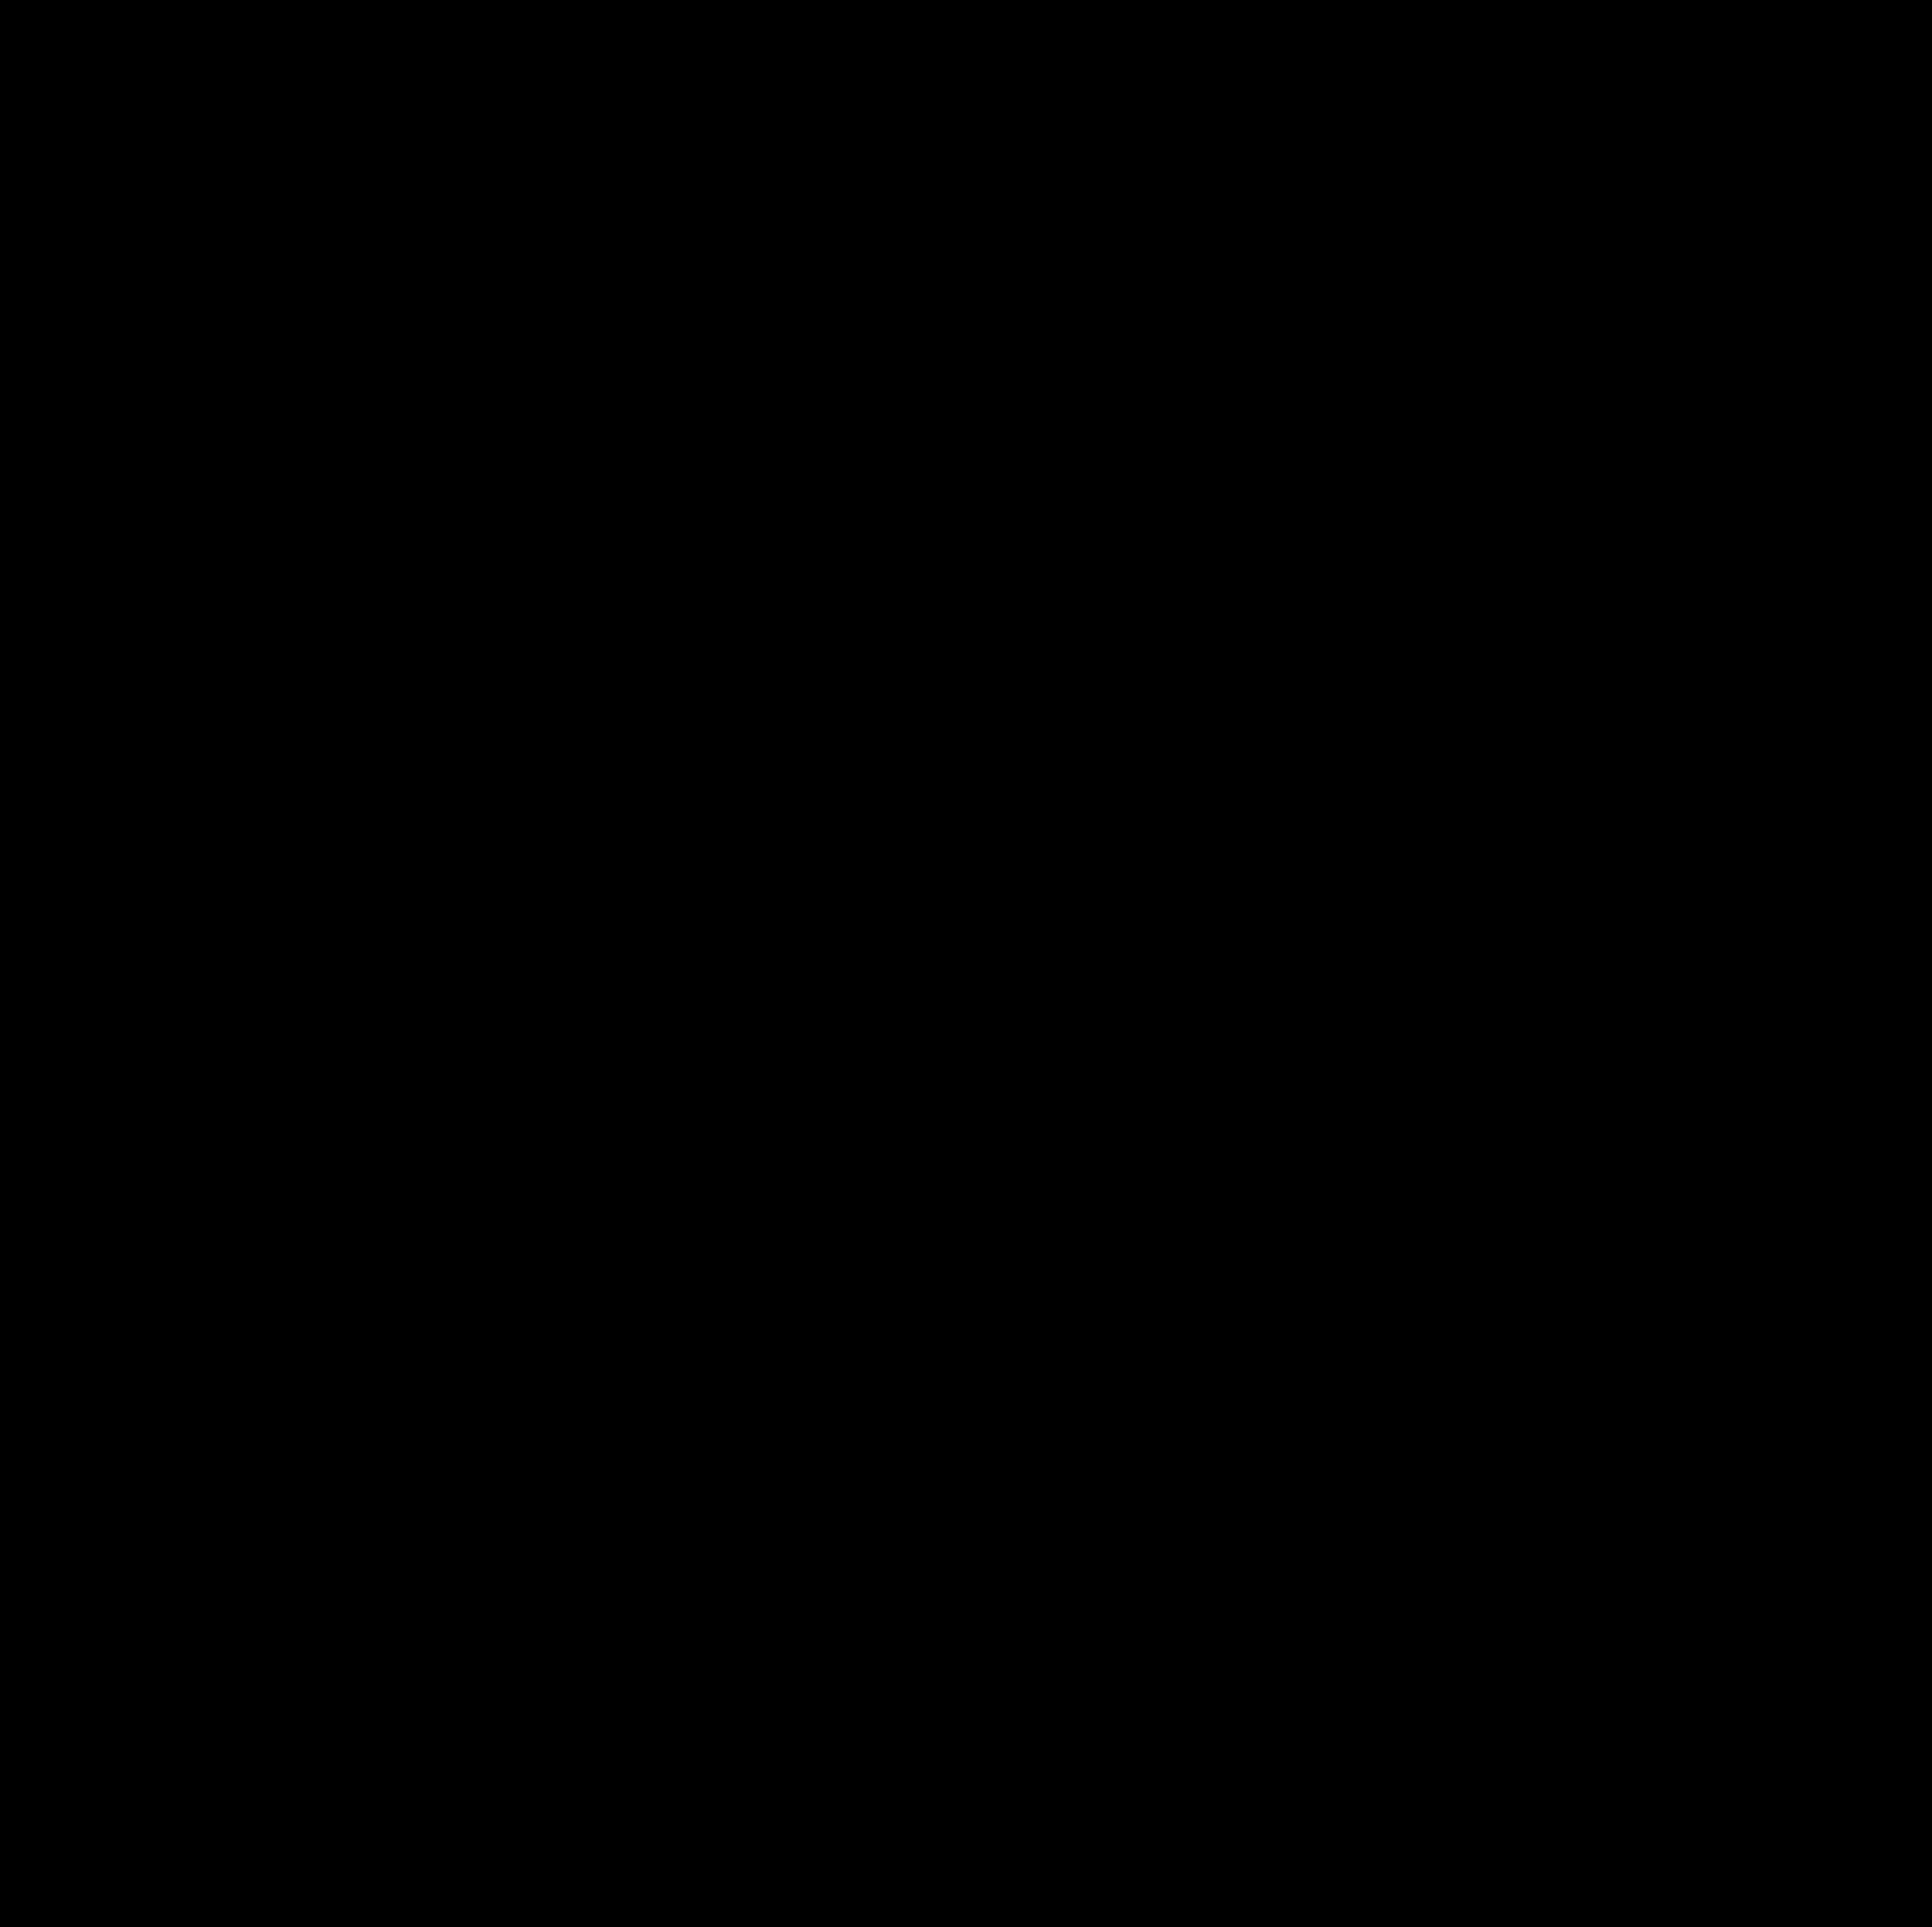 Handwerk (002)